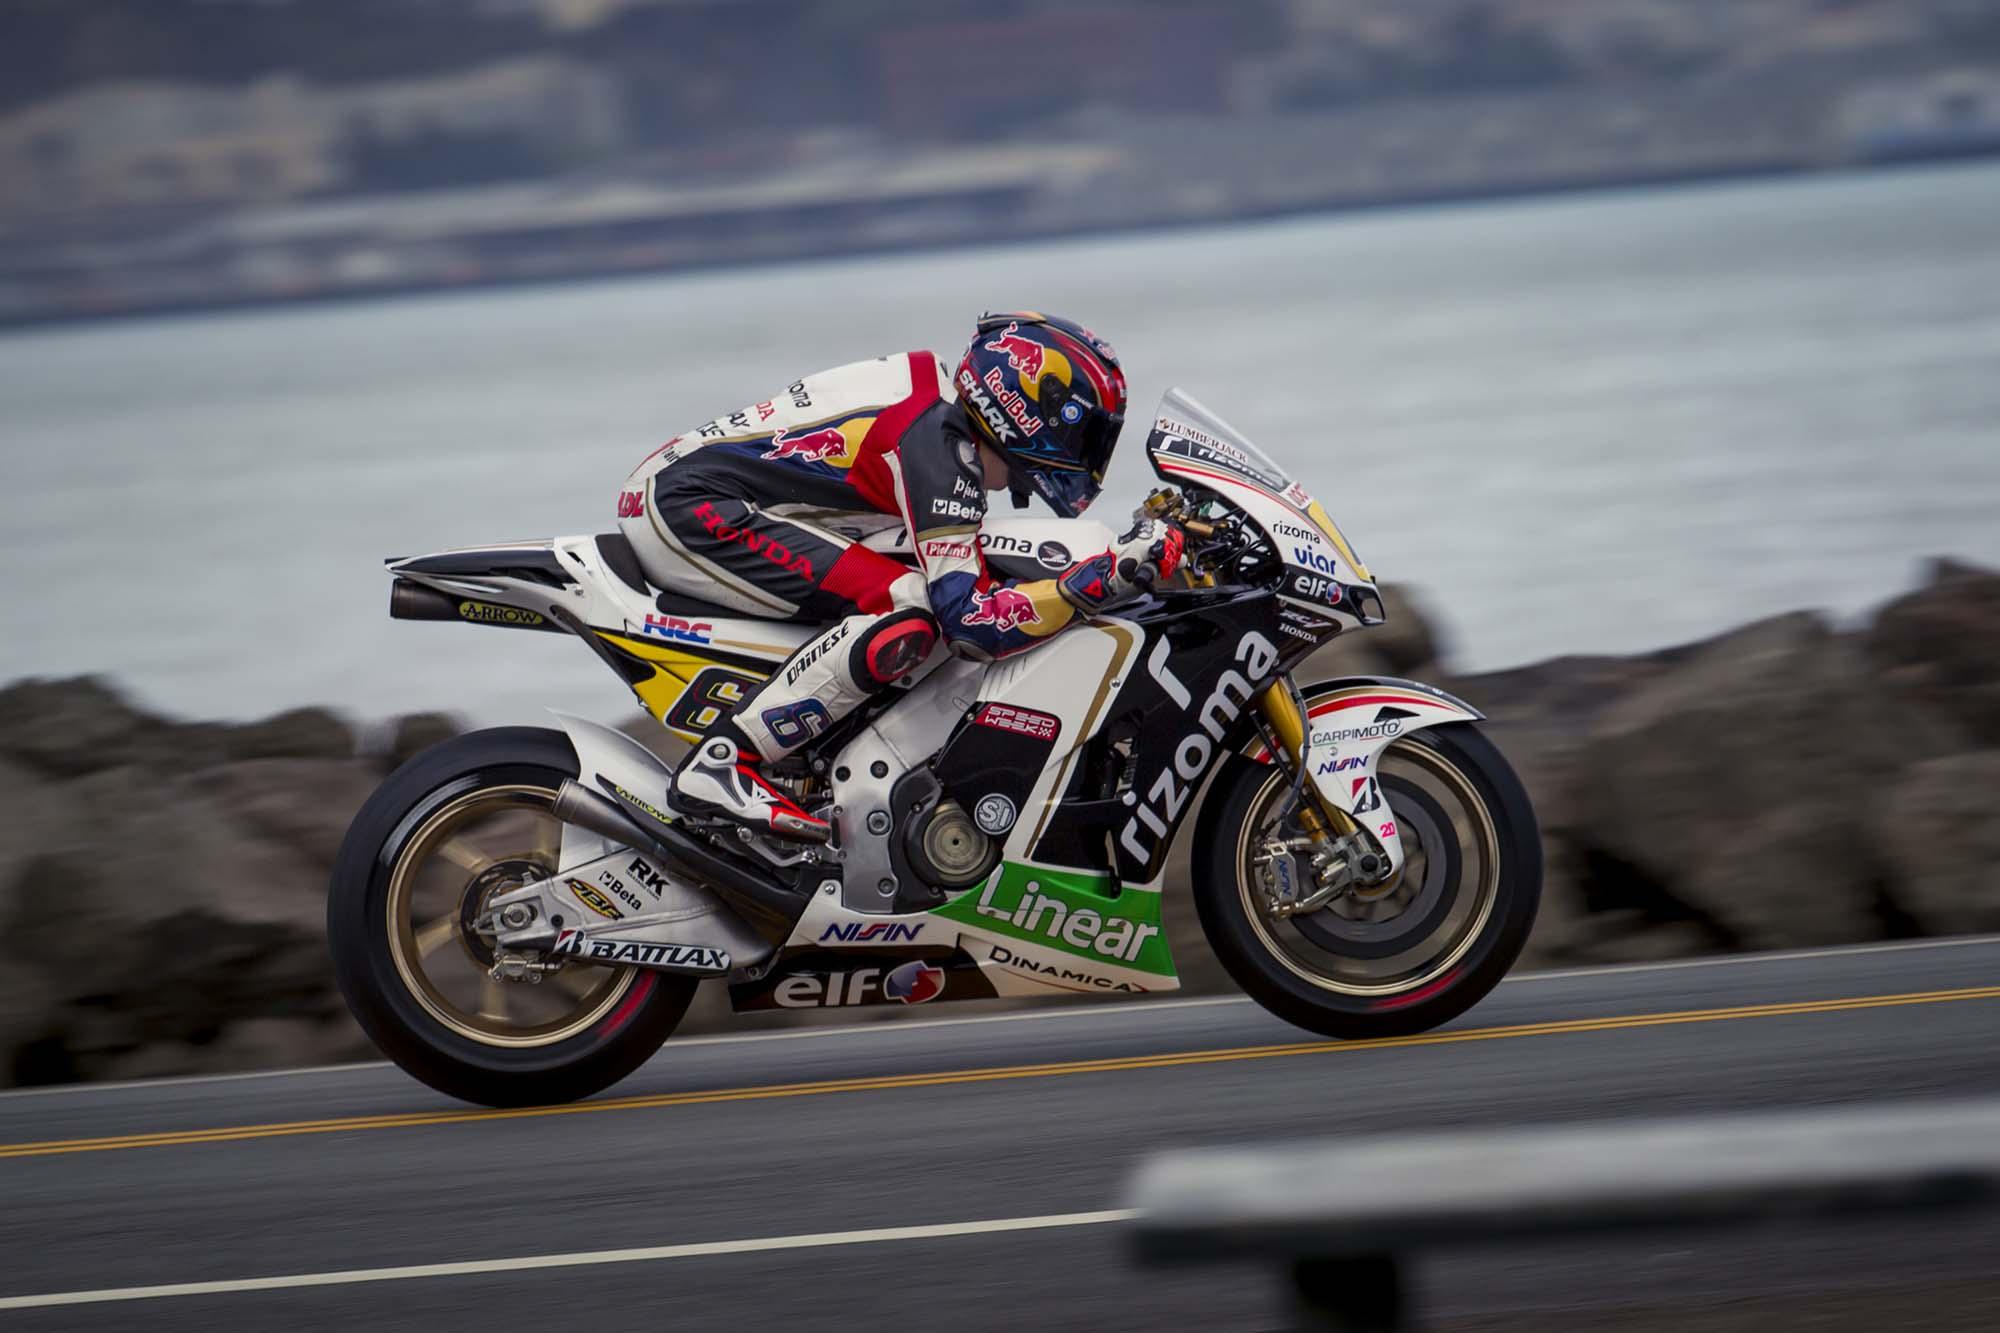 Motogp Laguna Seca Non Moto Motocross Forums